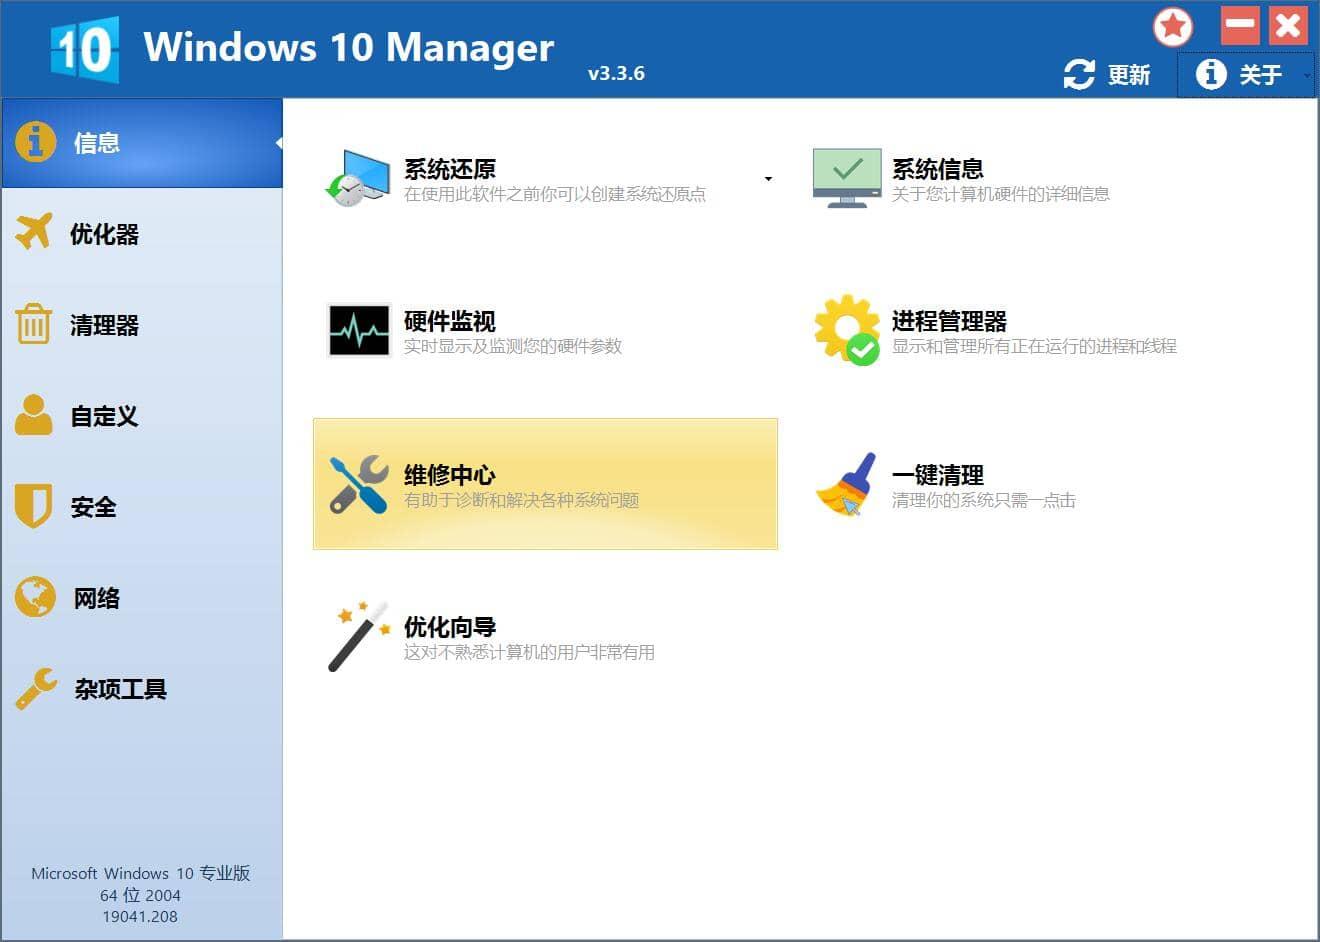 Windows 10 Manager v3.4.7 中文特别版